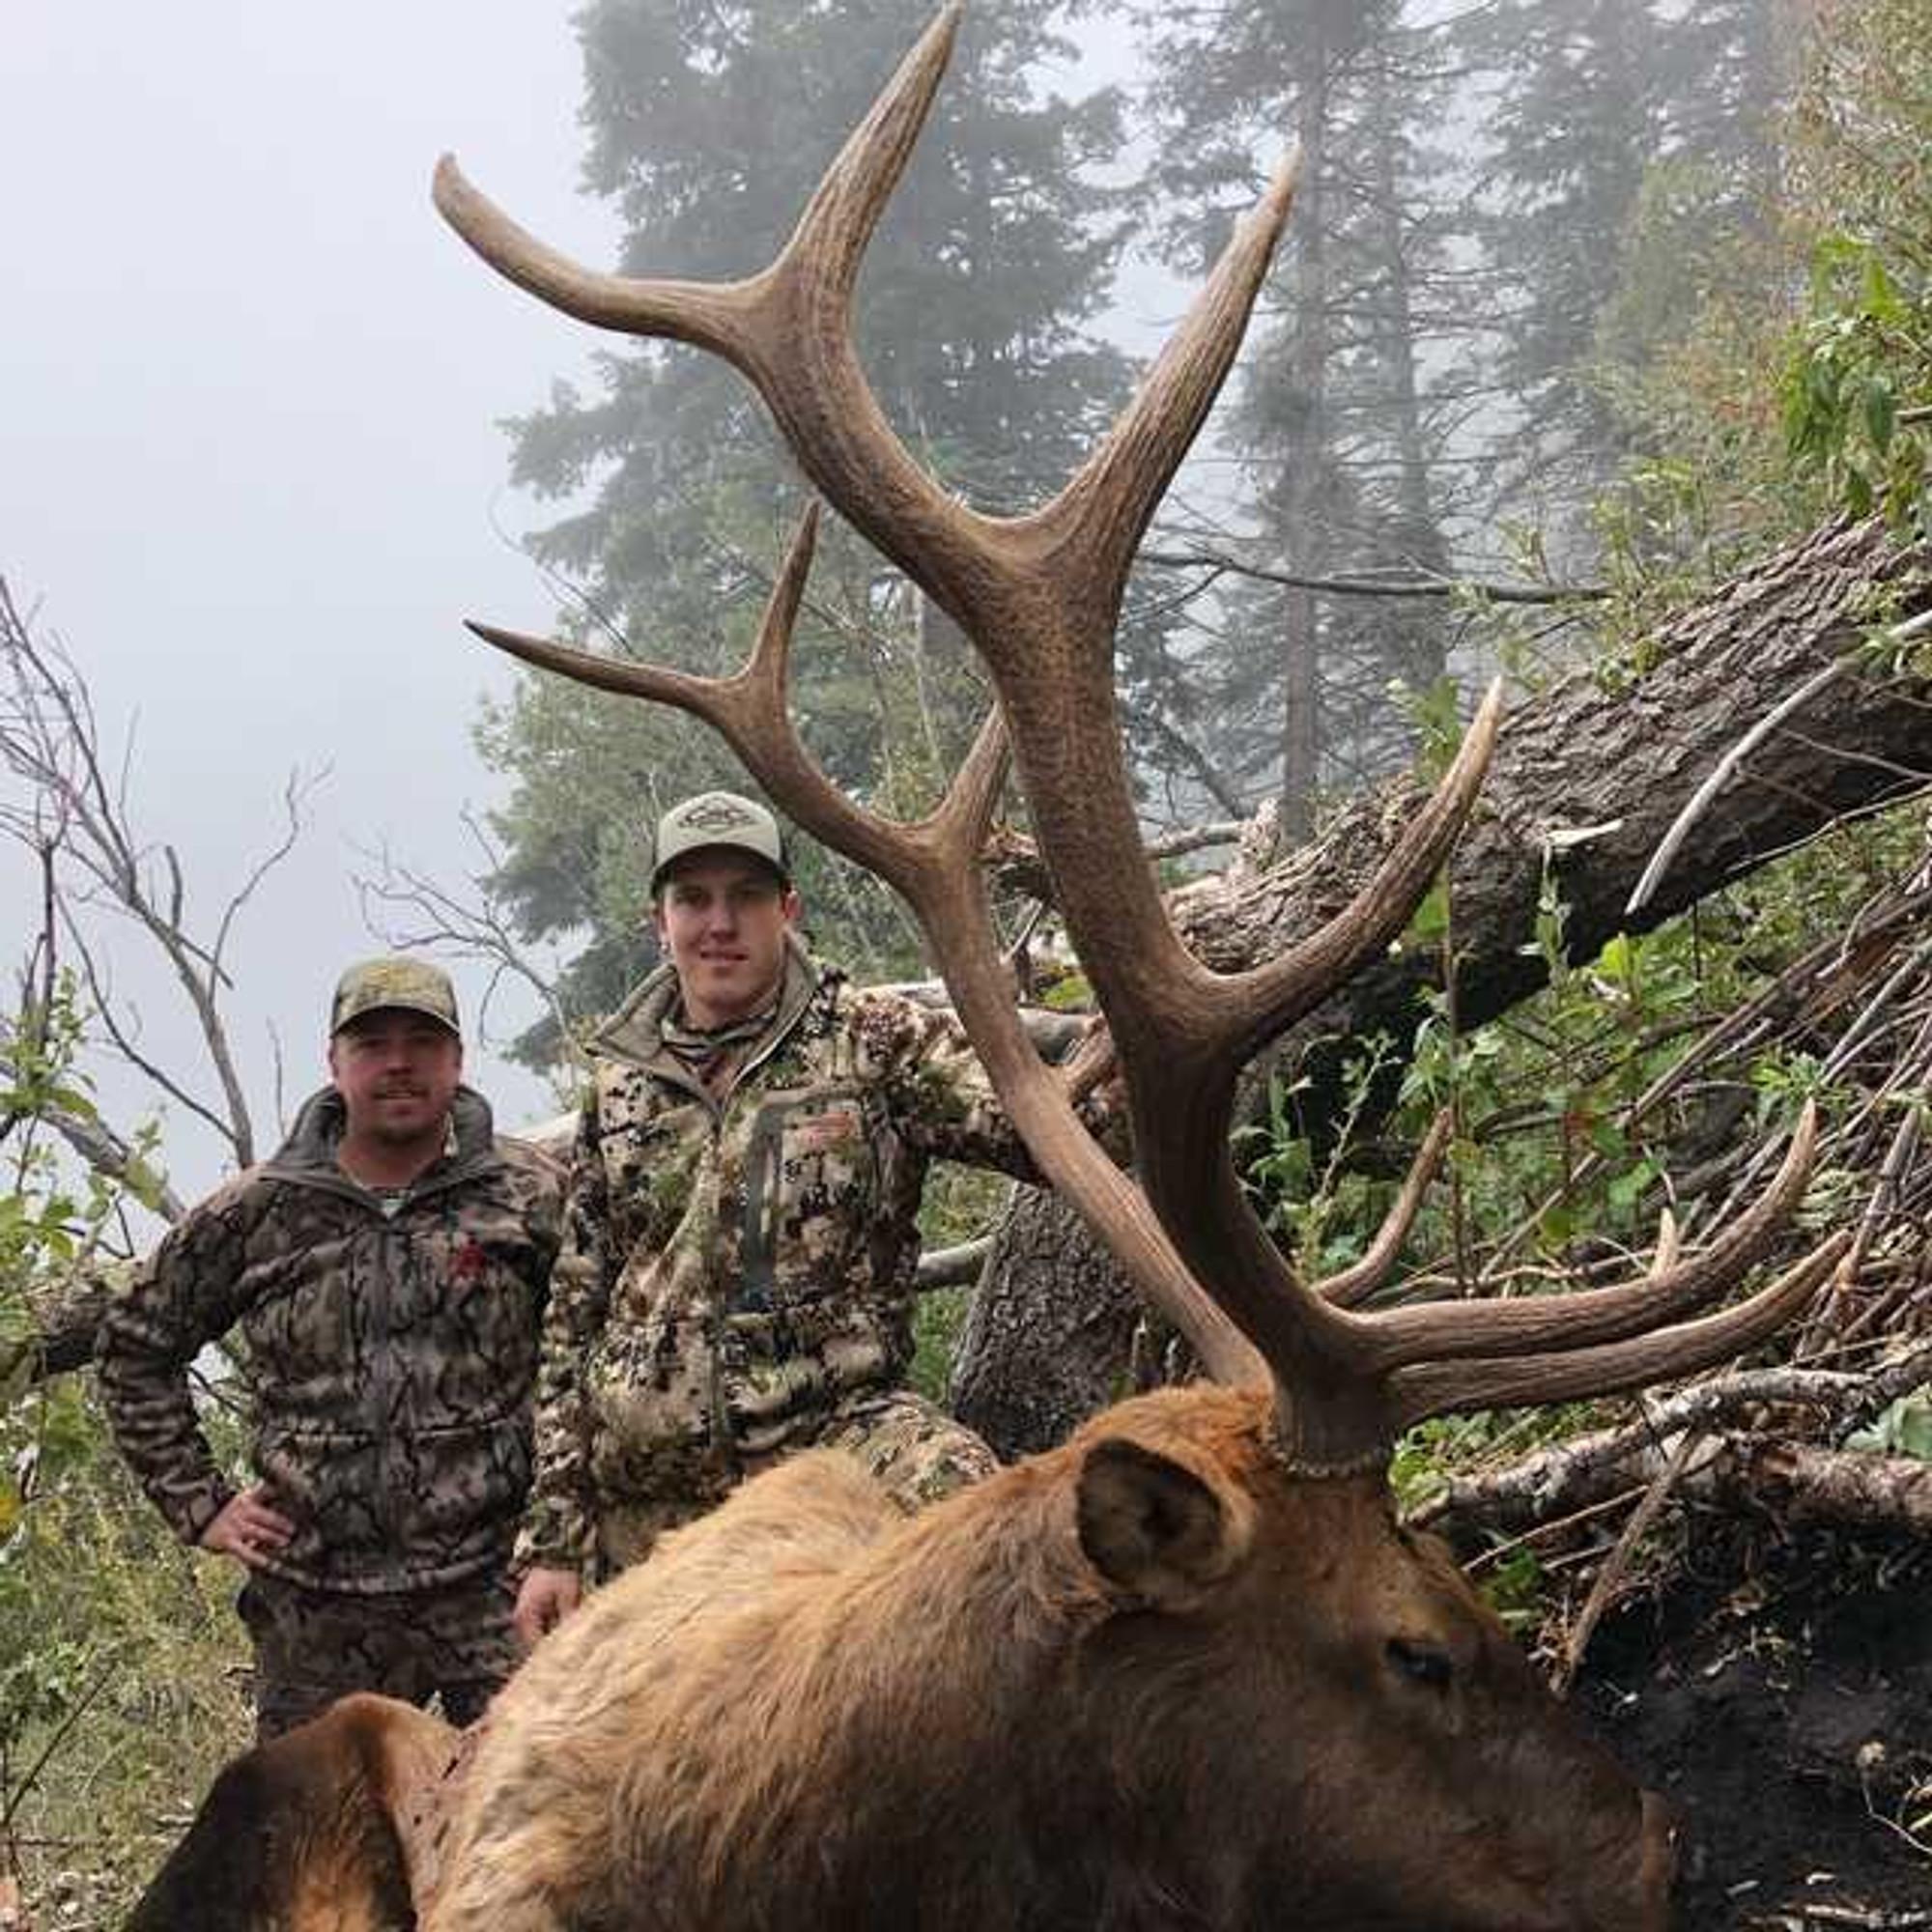 Hunt #5132 DIY/Guided Deer/Elk Wilderness/Forrest Camps